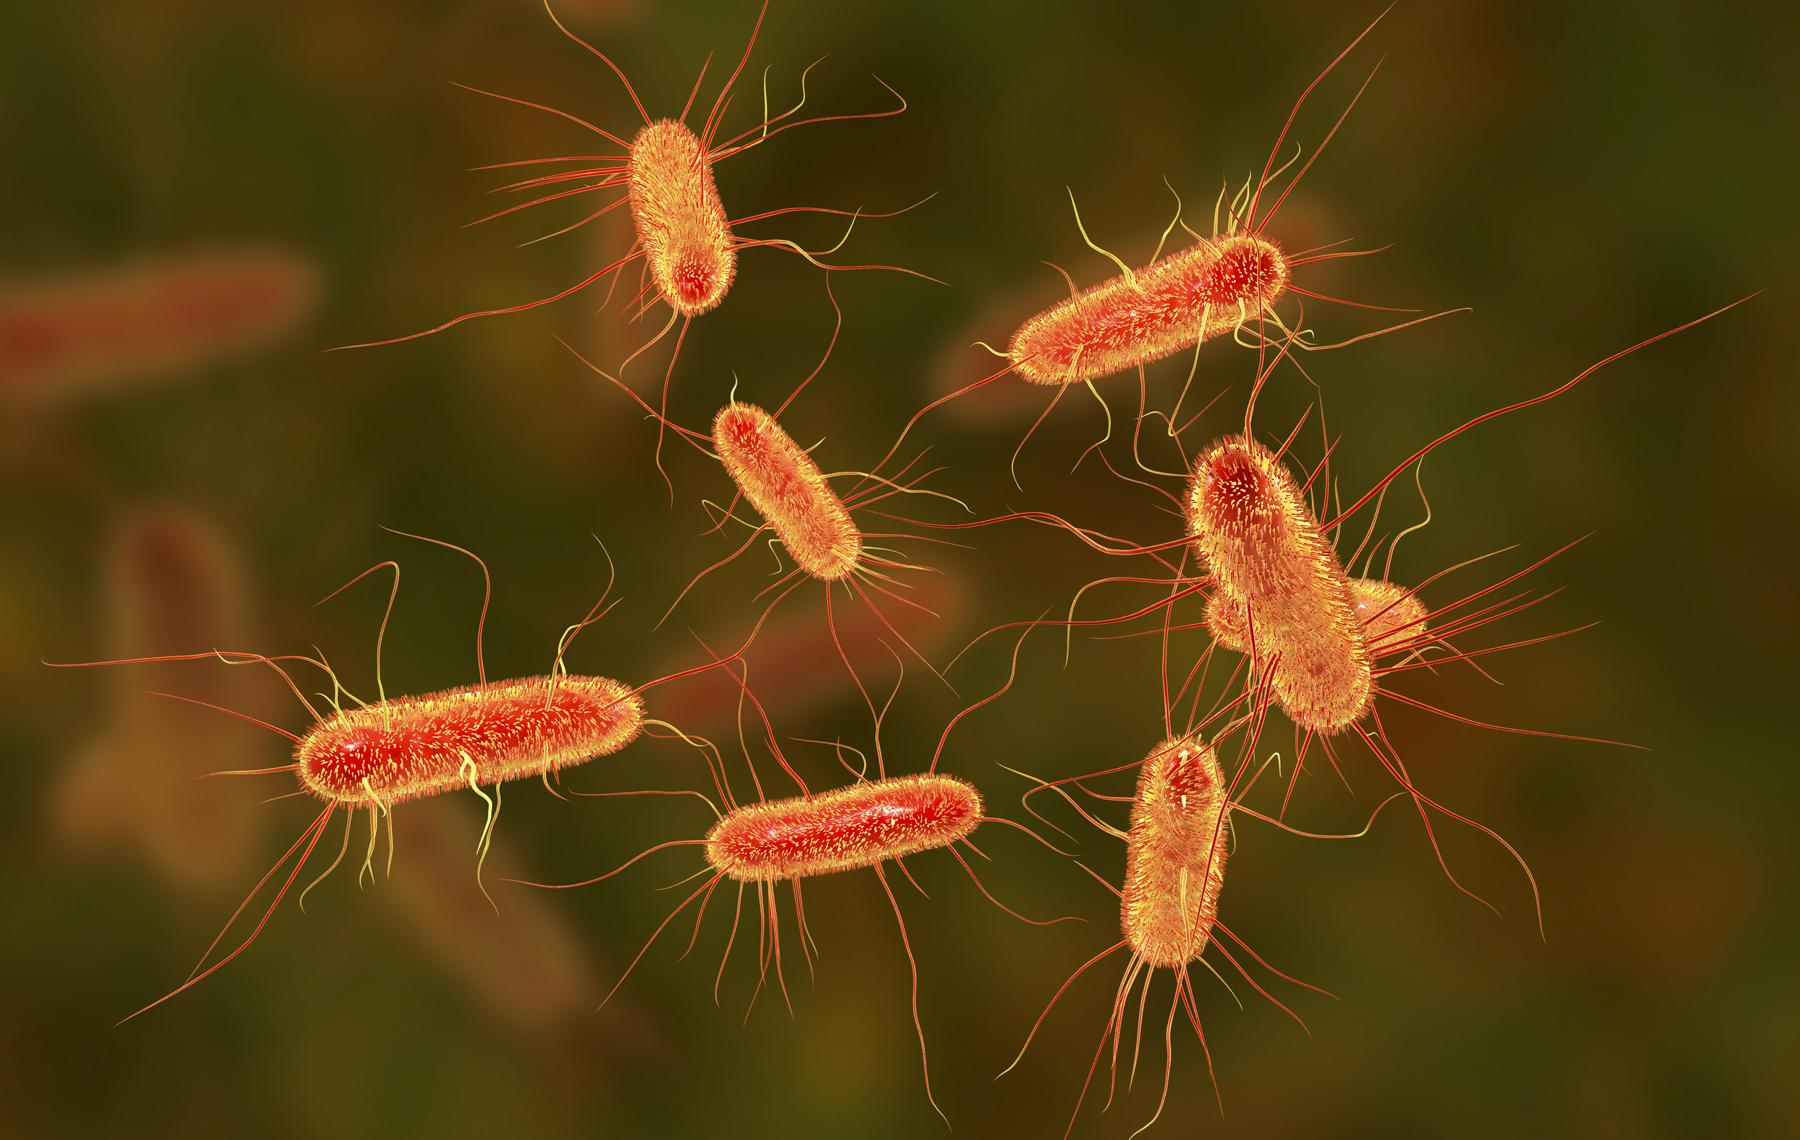 Microscopic creatures